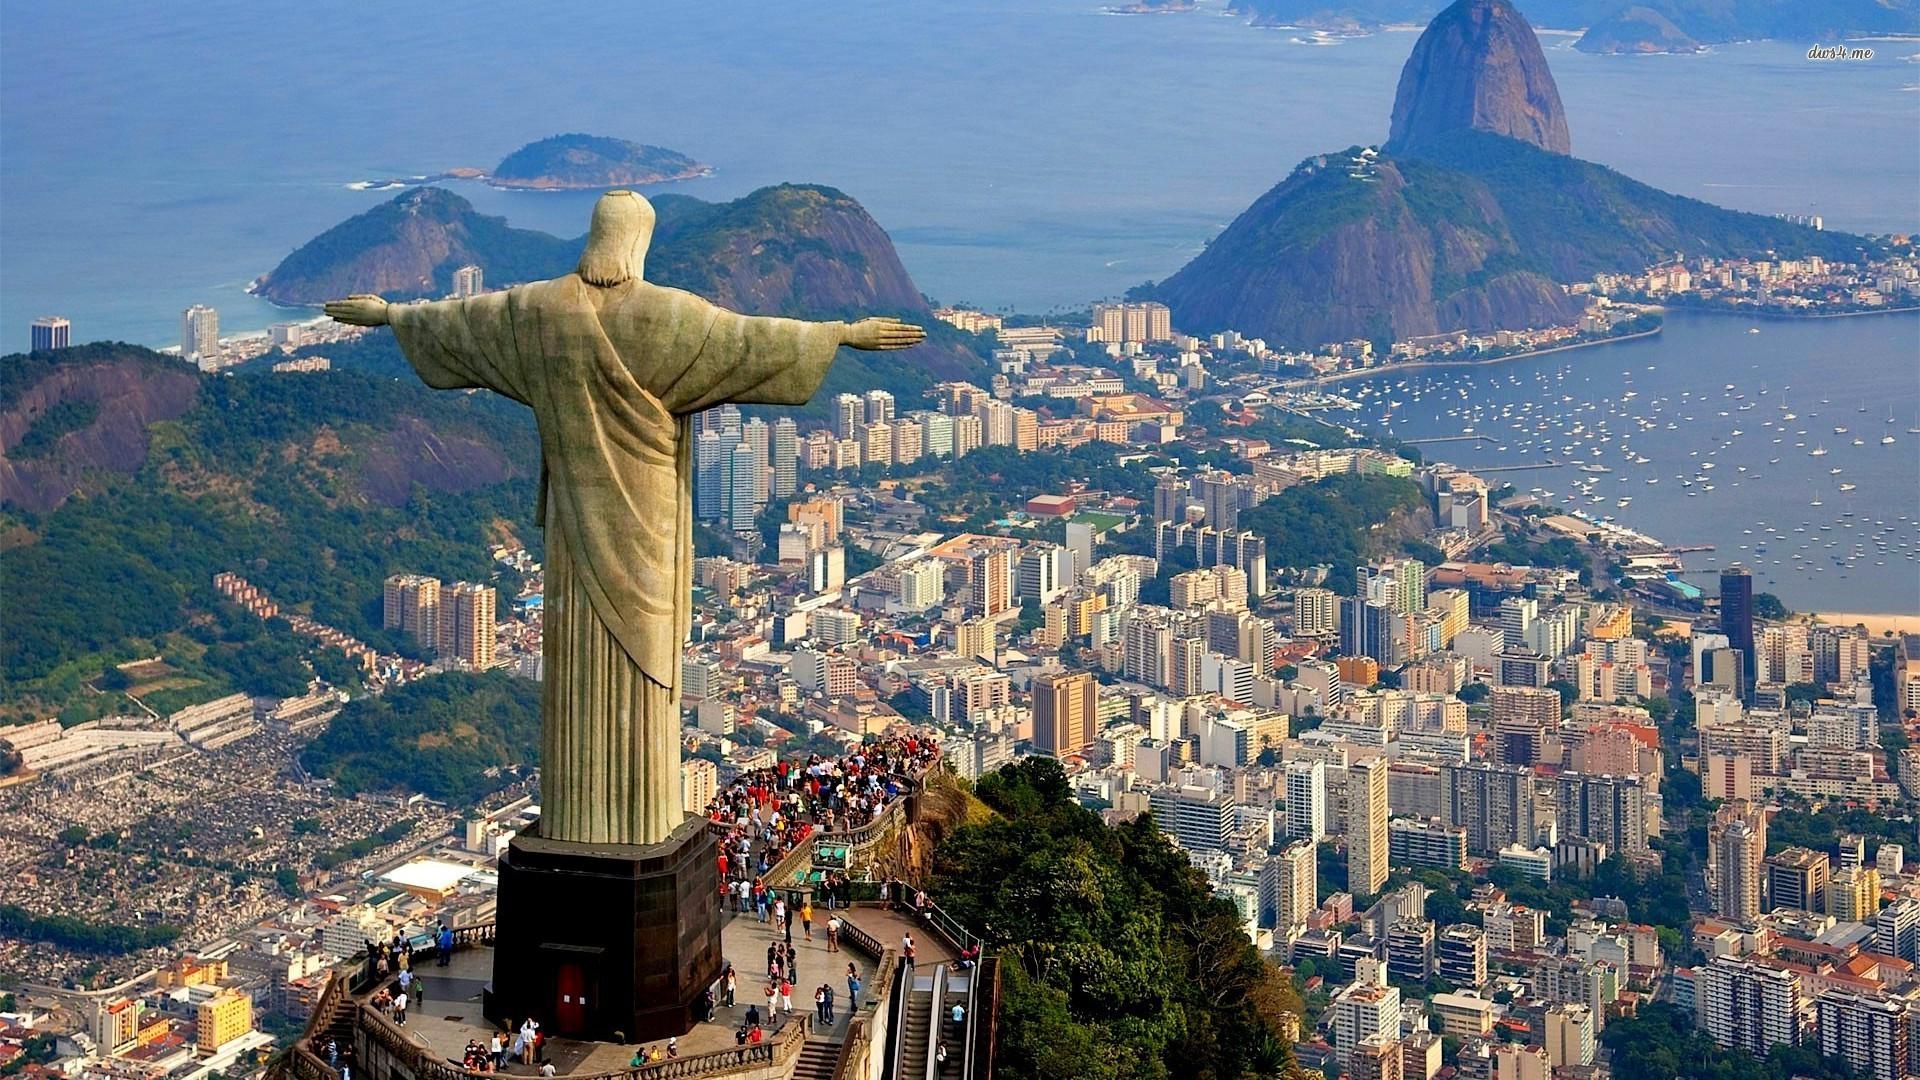 ... Statue of Jesus, Rio de Janeiro wallpaper 1920x1080 ...